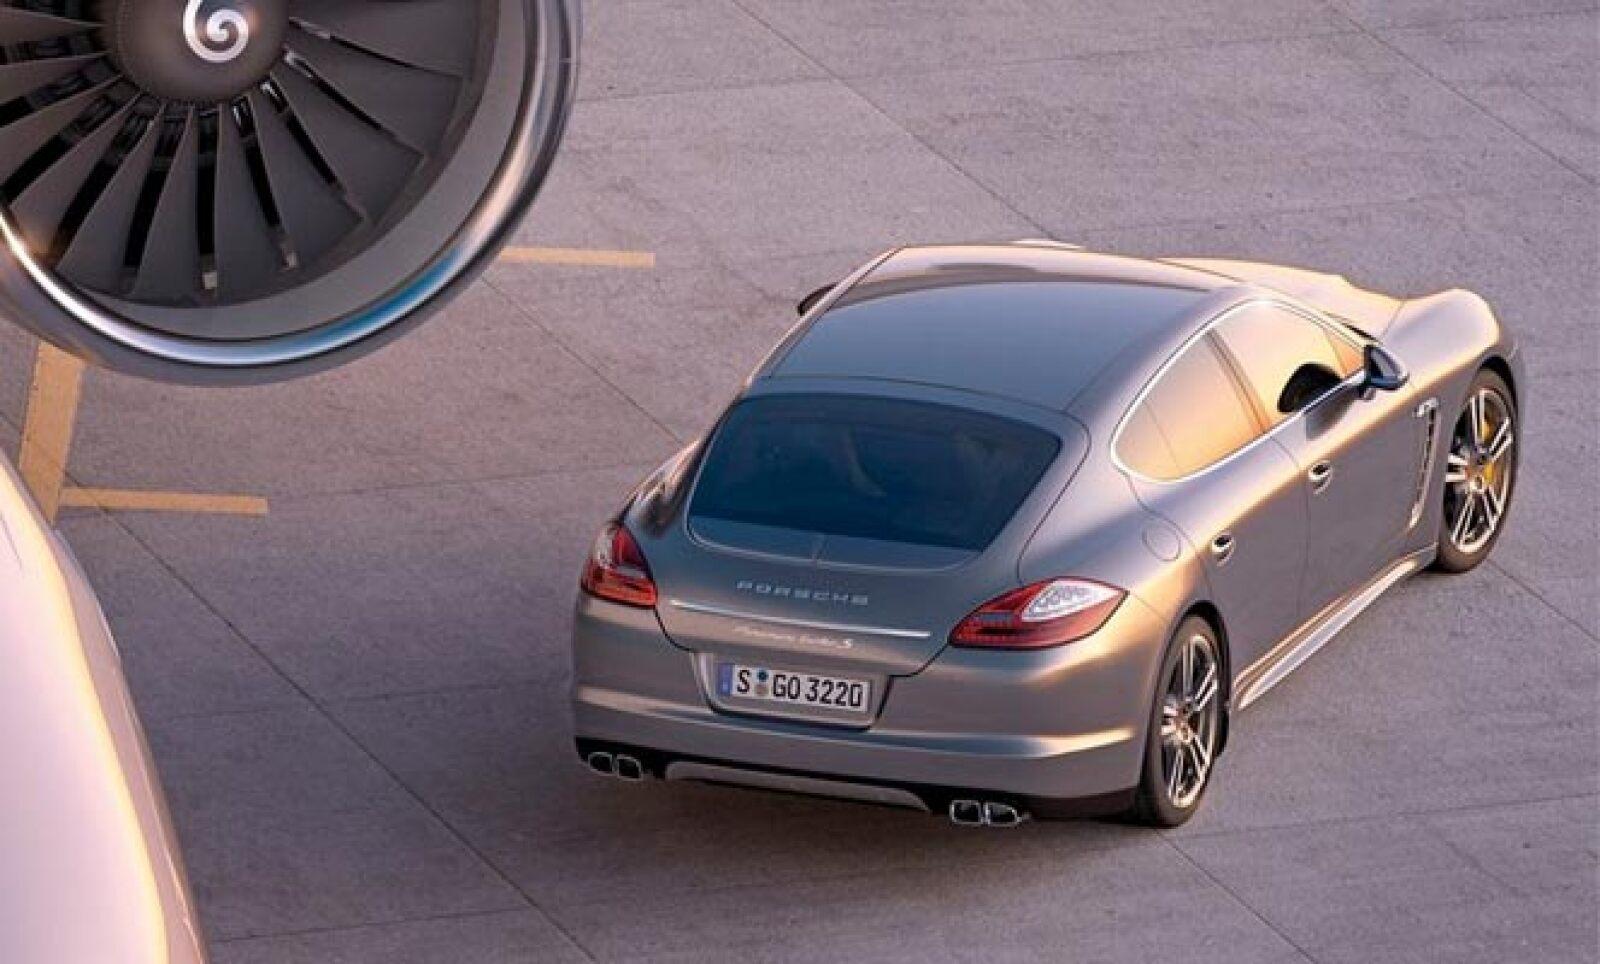 Alcanza los 100 kilómetros por hora (km/h) en tan sólo 3.8 segundos y su velocidad máxima es de 306 km/h.